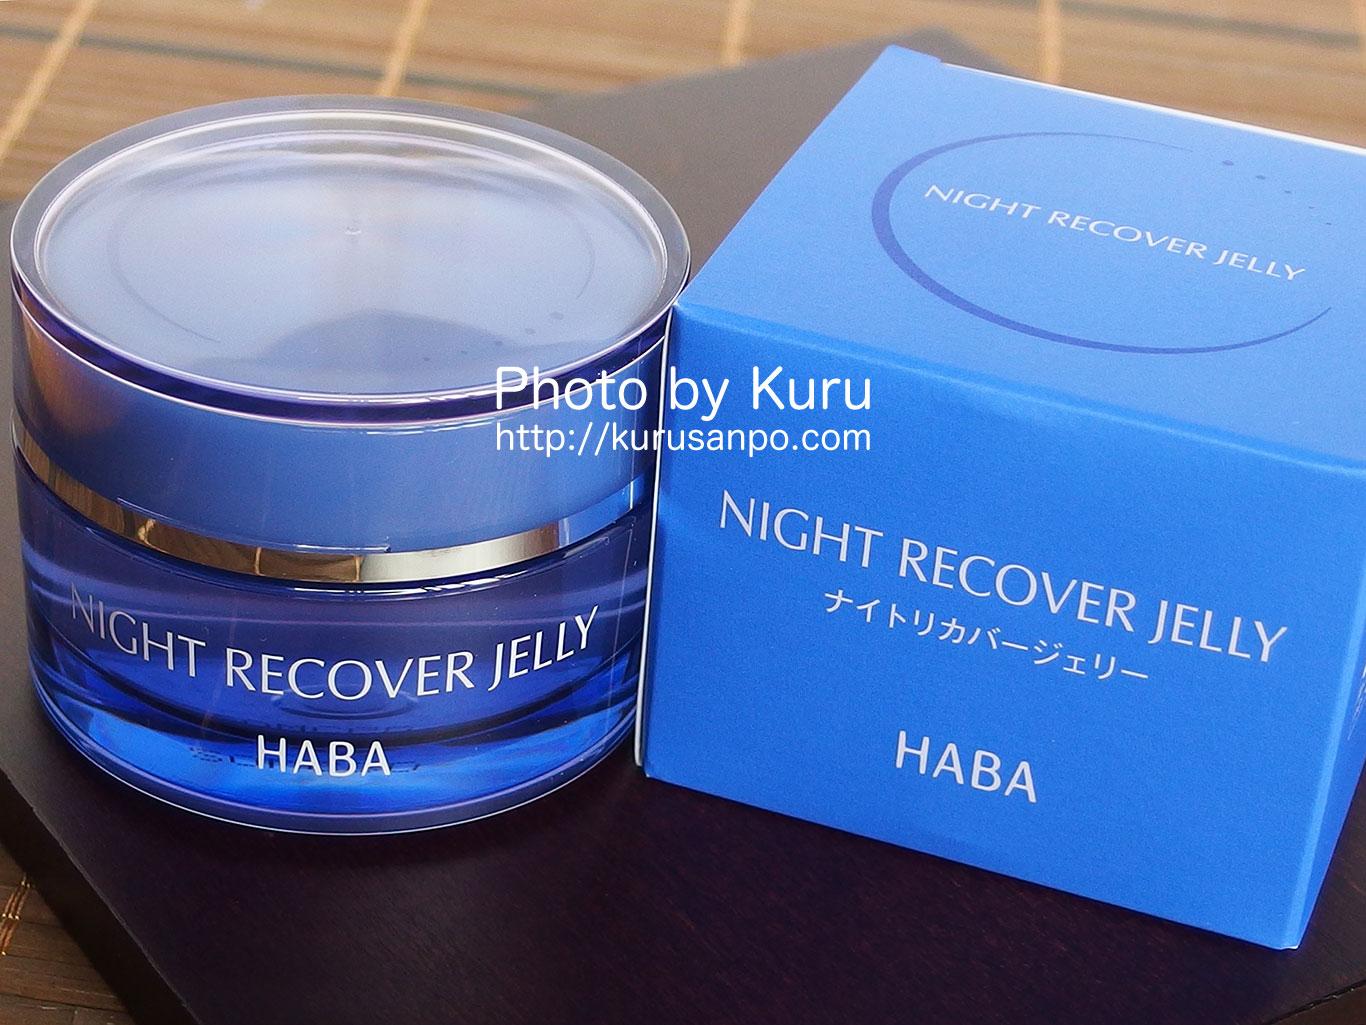 HABA『ナイトリカバージェリー』の保湿力は夜のスキンケアの即戦力!